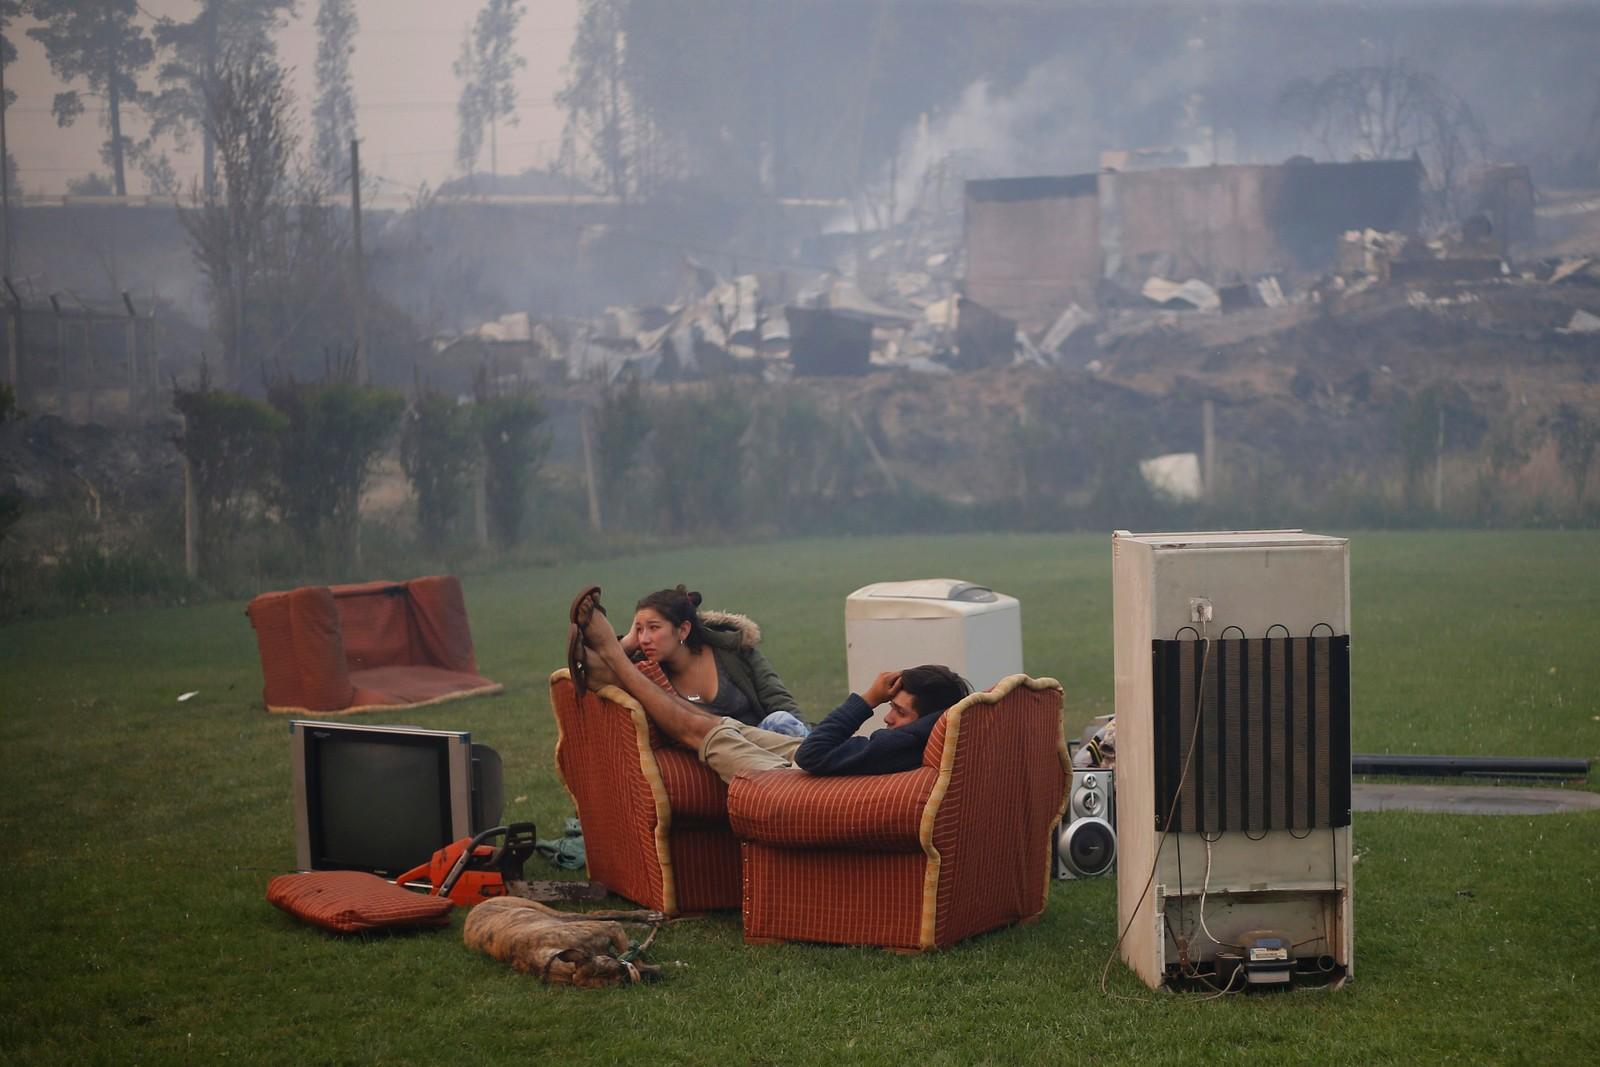 Et ungt par på en fotballbane. En skogbrann forårsaket enorme ødeleggelser og flere dødsfall i Santa Olga i Chile.